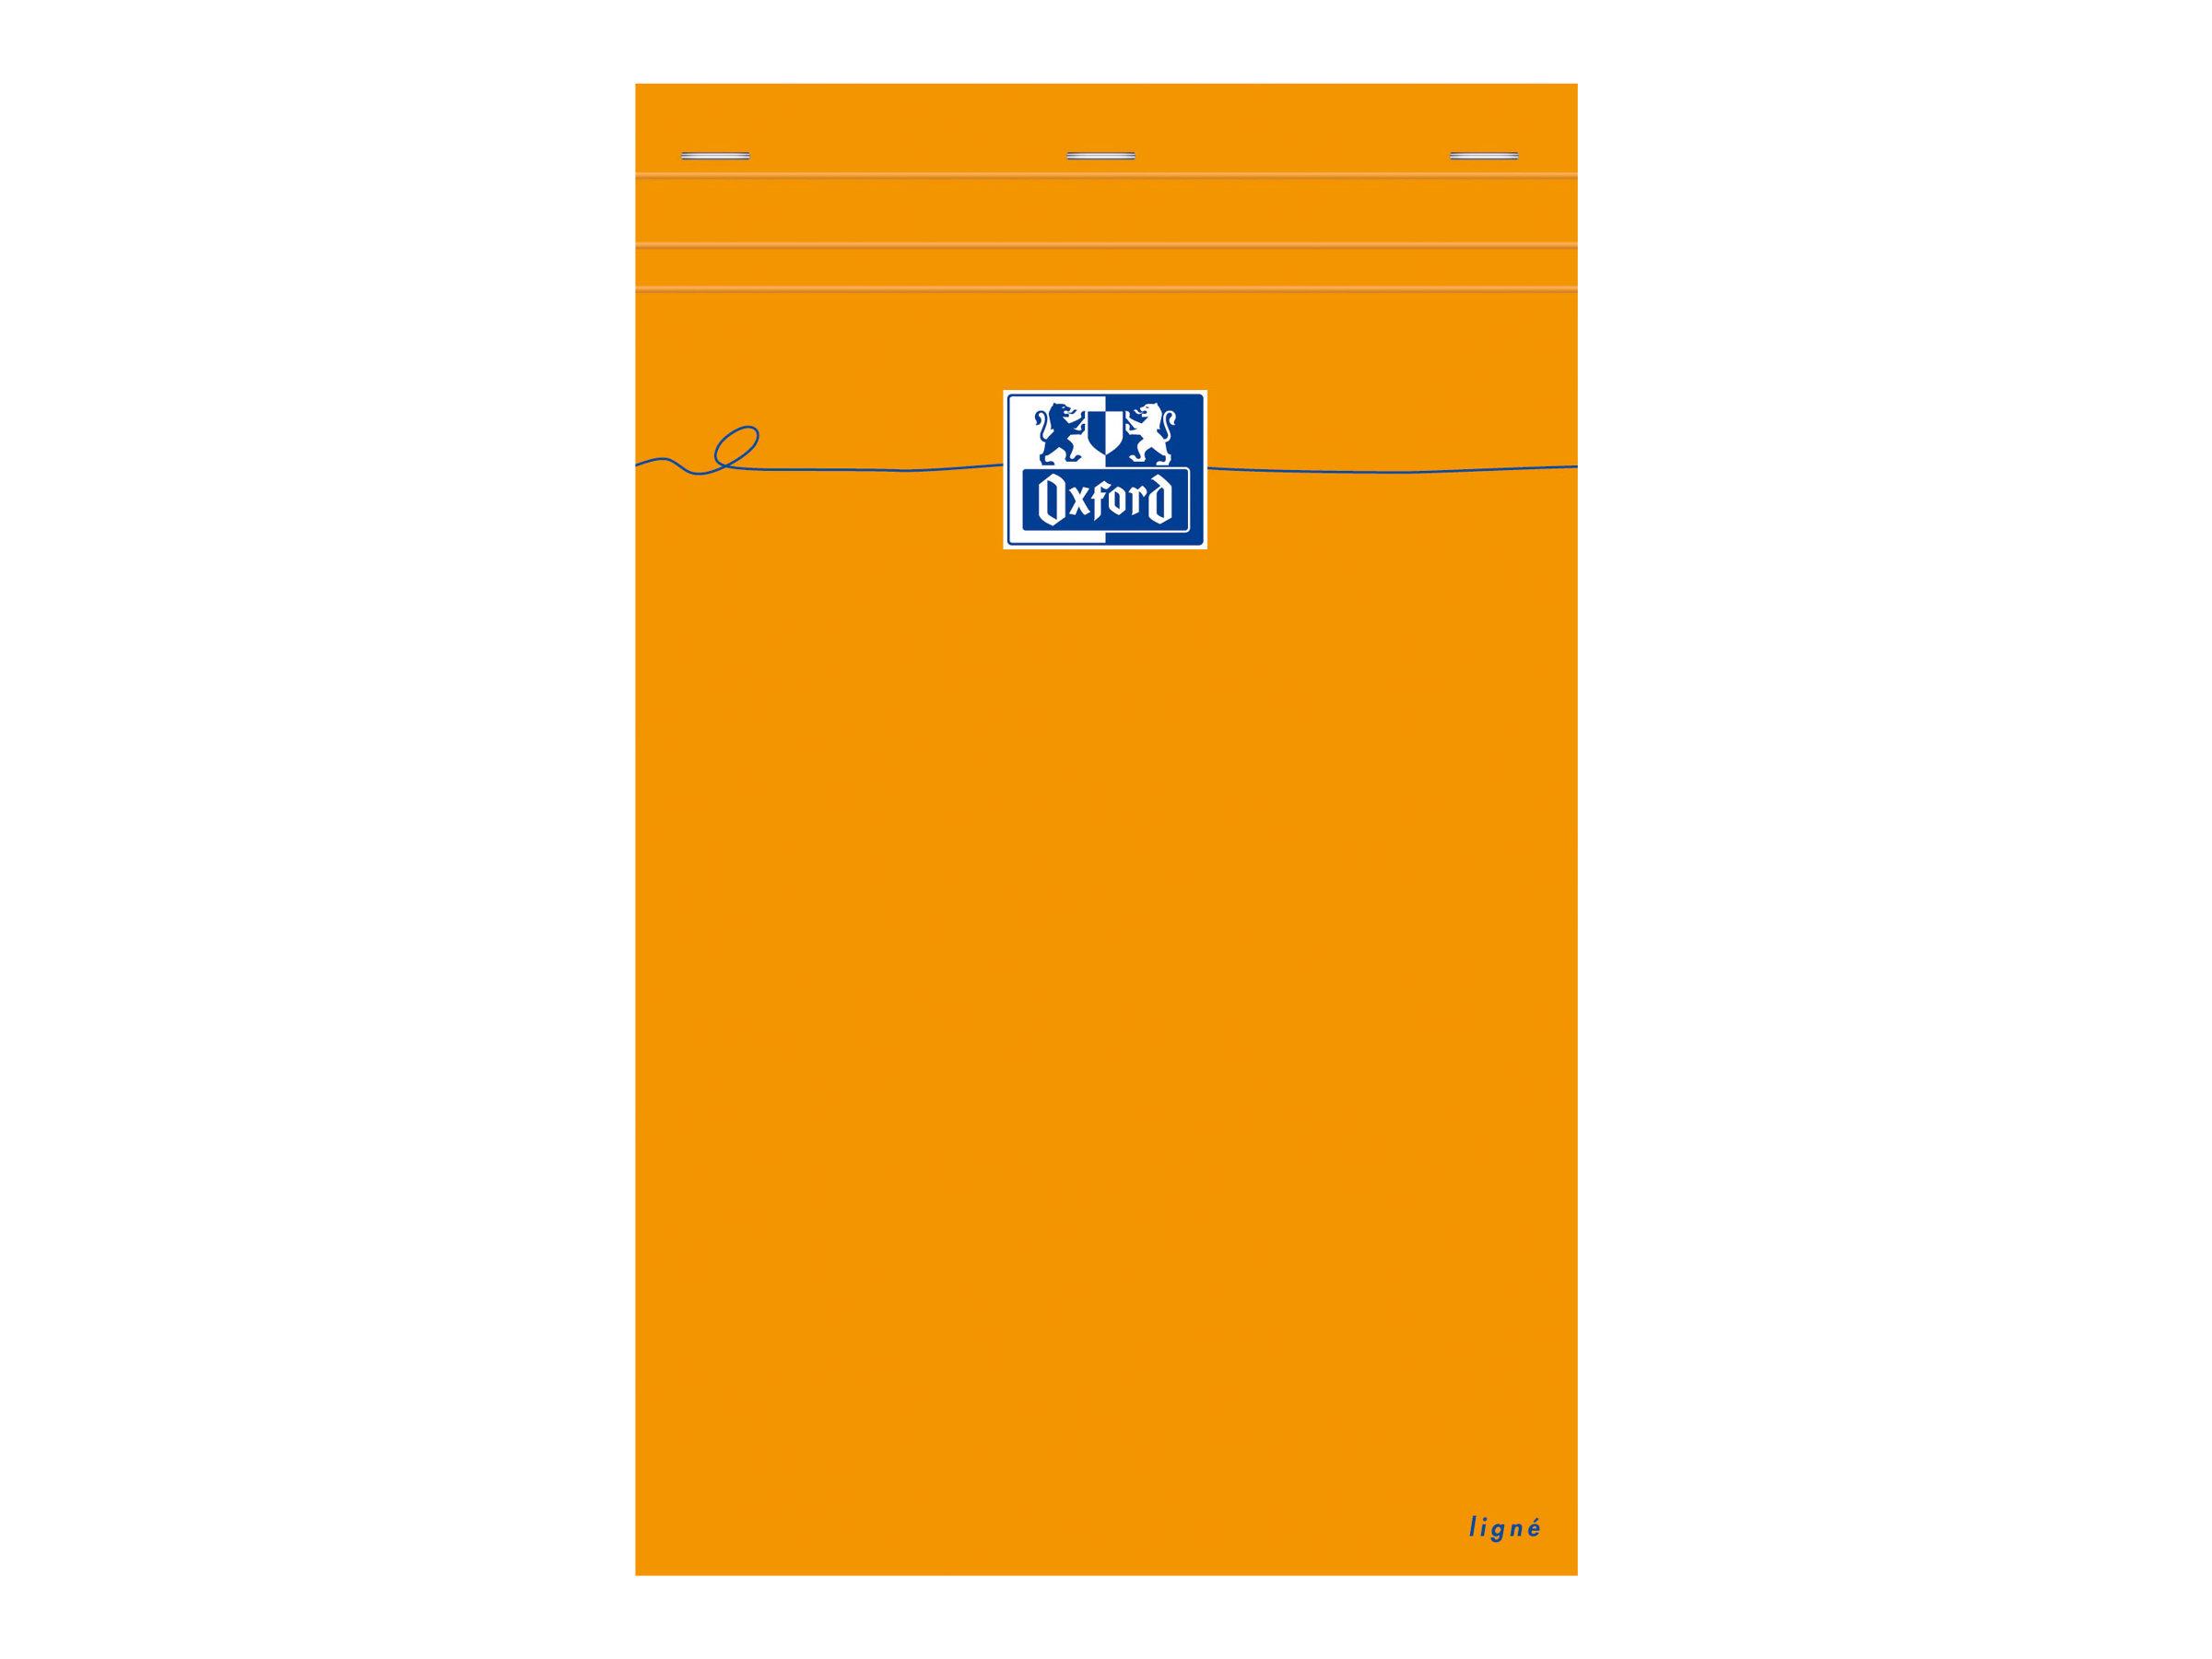 Oxford - Bloc notes - A4 + - 160 pages - ligné - 80G - perforé - orange